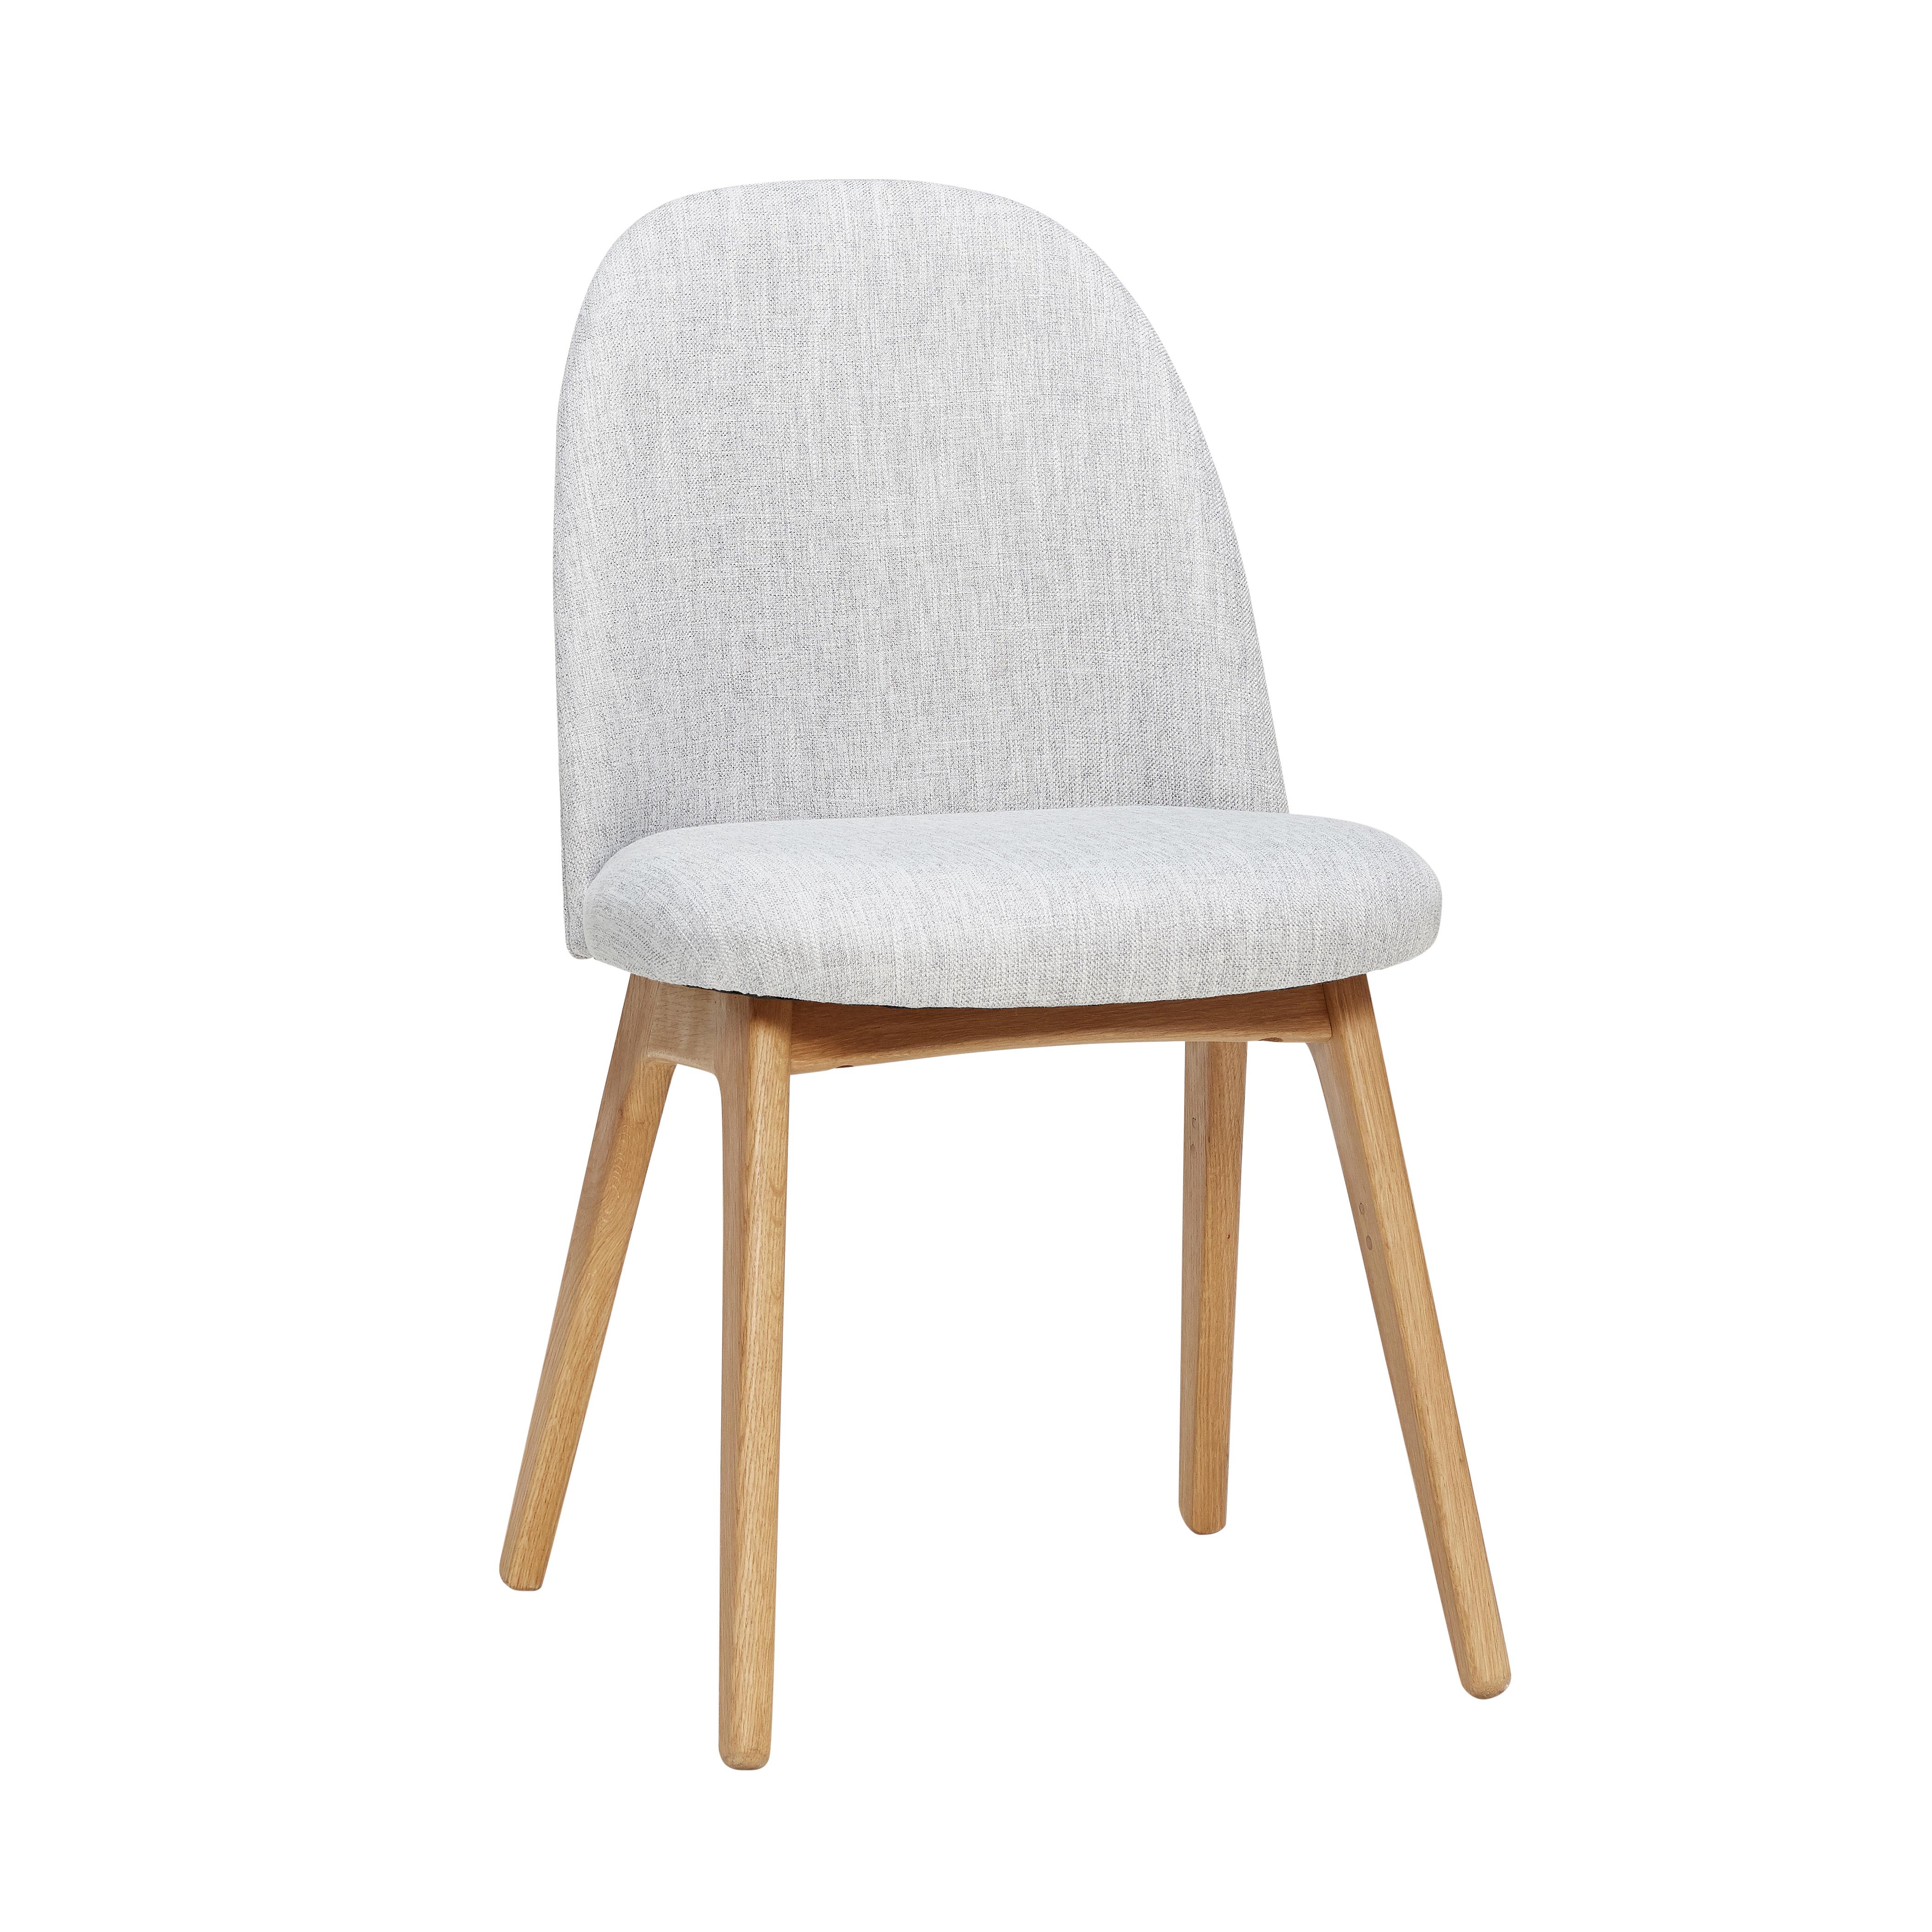 Hübsch Sebastian stol / lysegrå